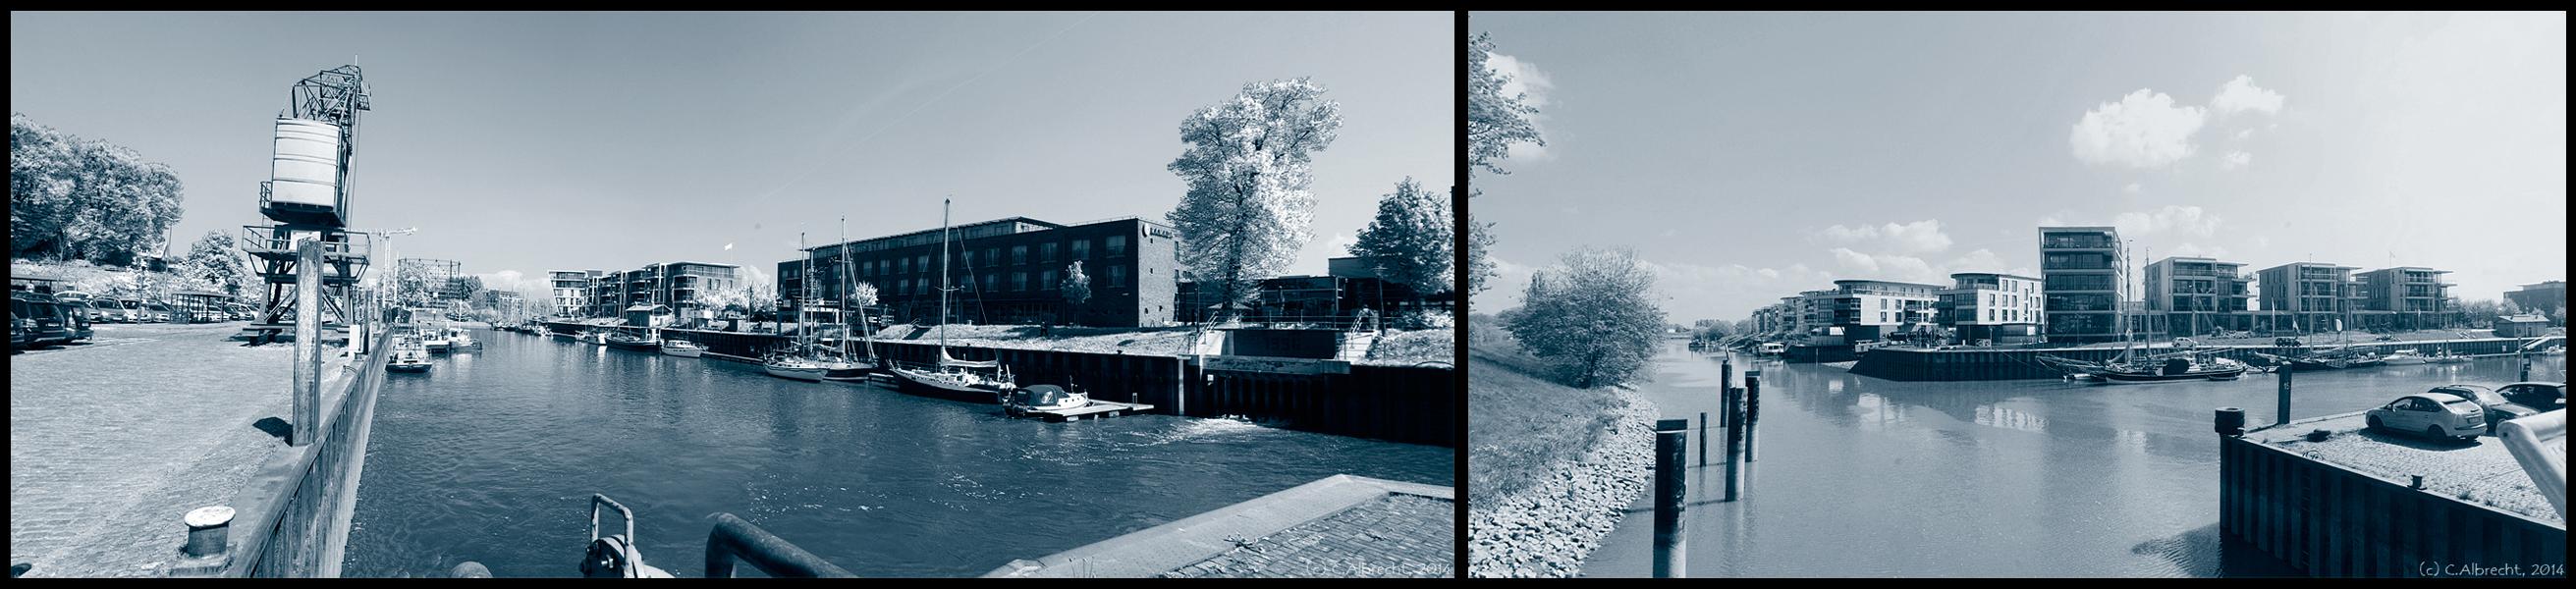 Stade (Metropolregion Hamburg) - neues Wohnen an Burggraben und Schwinge